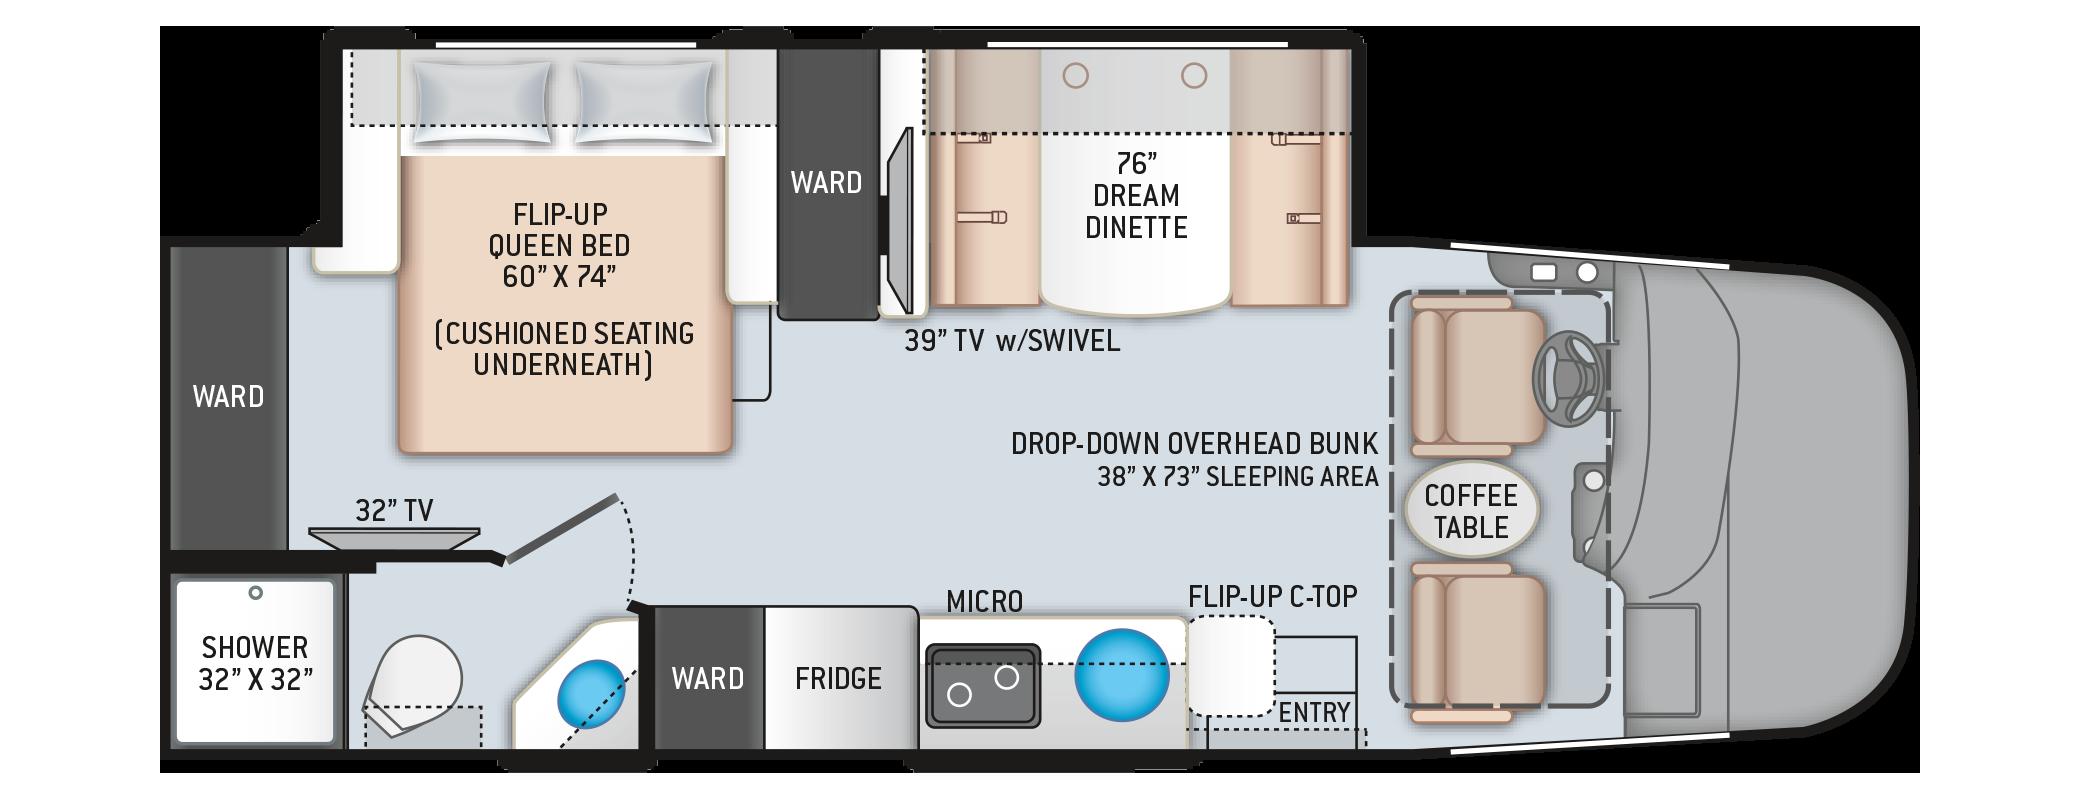 Axis RUV Class A Motorhome 25.6 Floor Plan